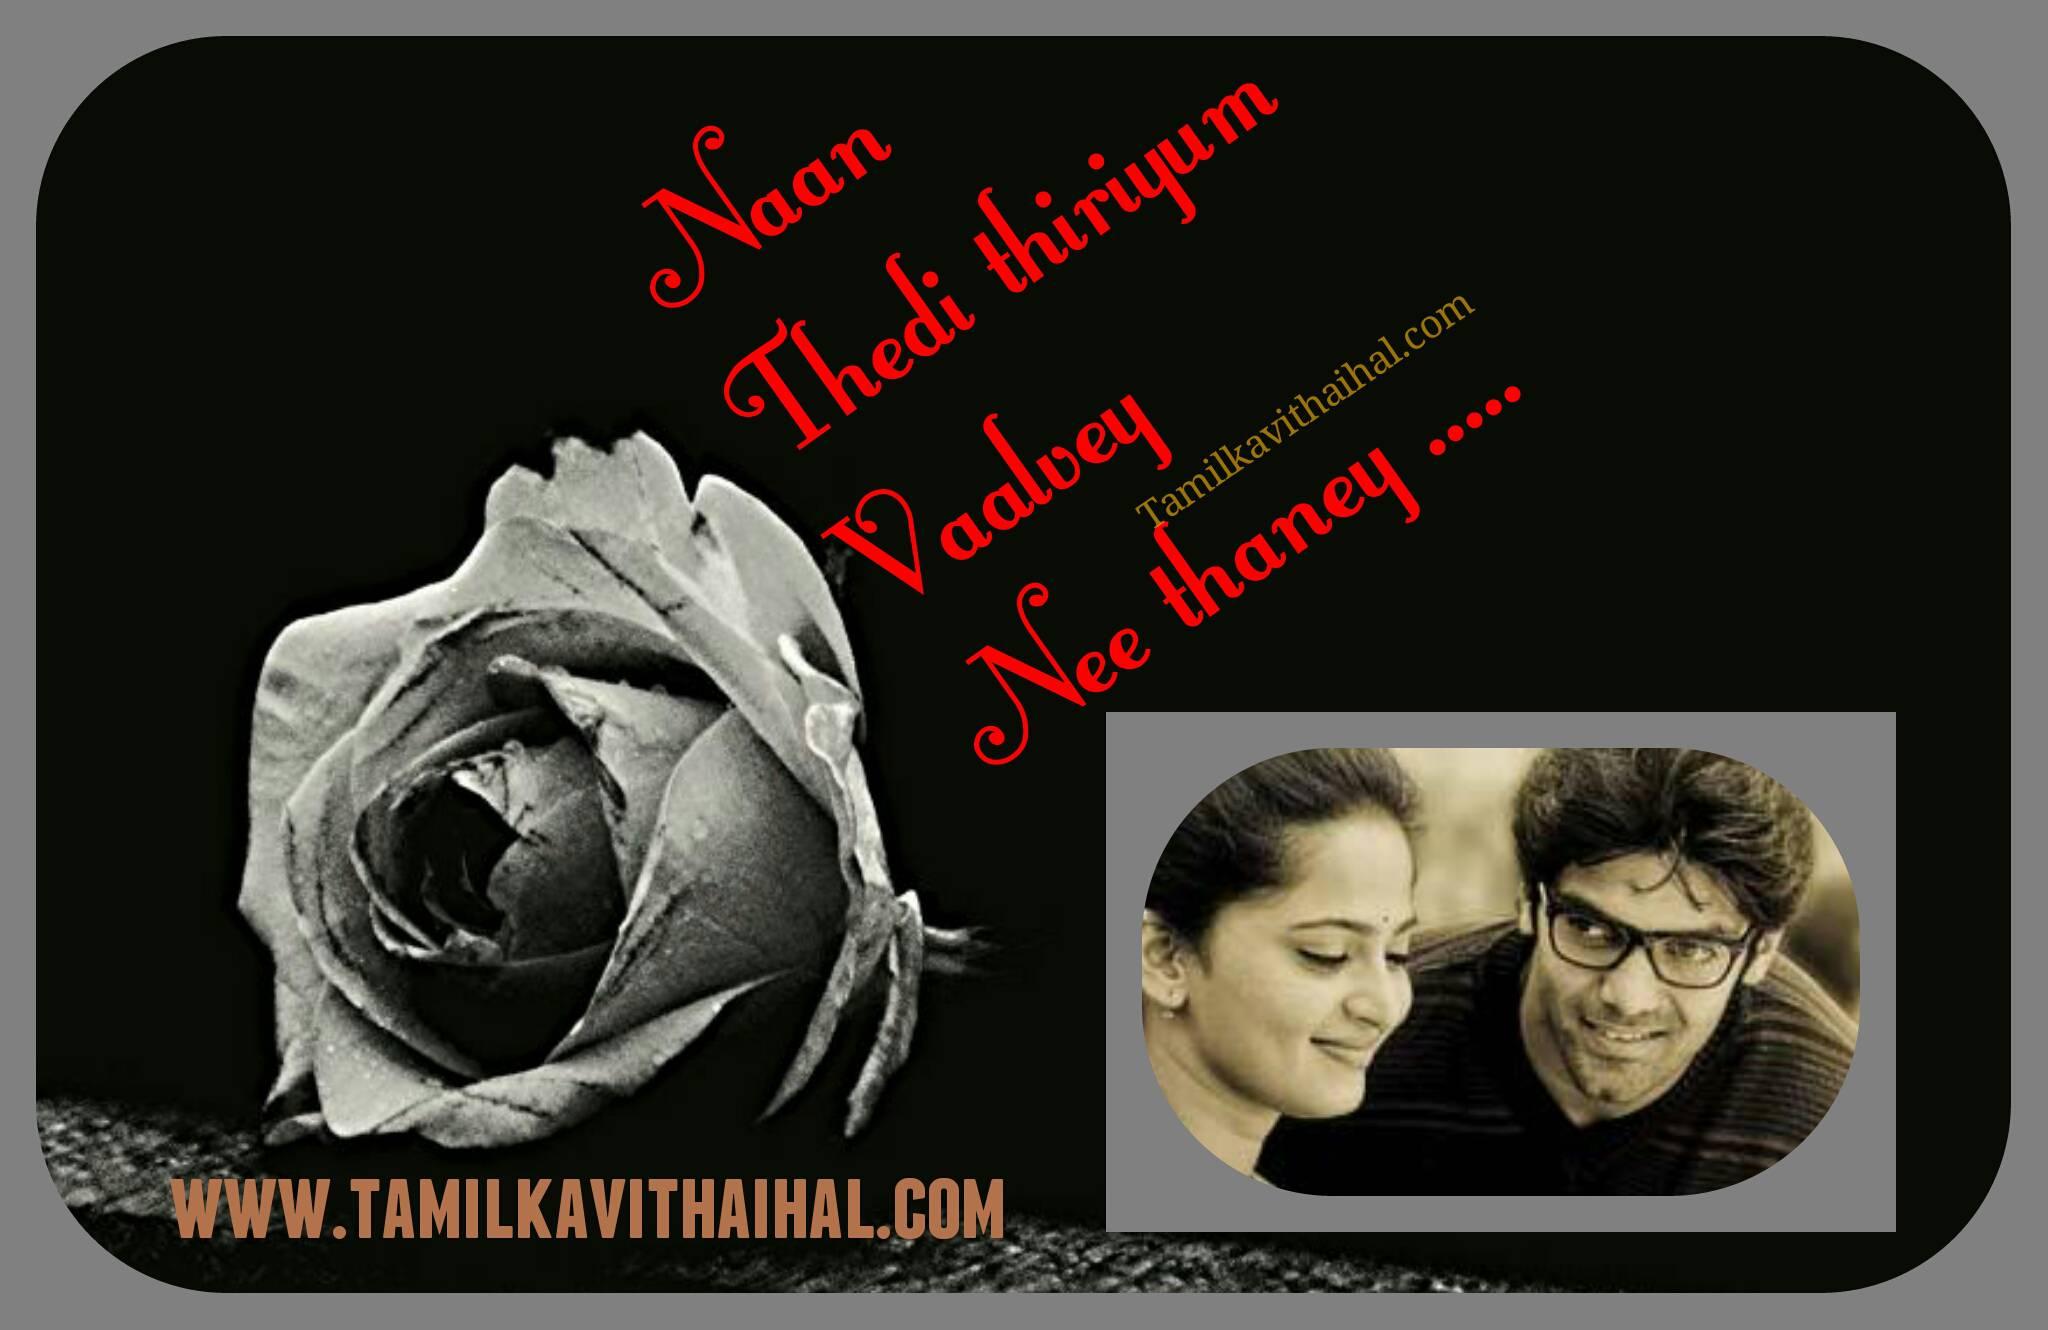 Arya anushka nan thedi thiriyum valkai neethanae mesmerising tamil song quotes in english lines irandam ulagam